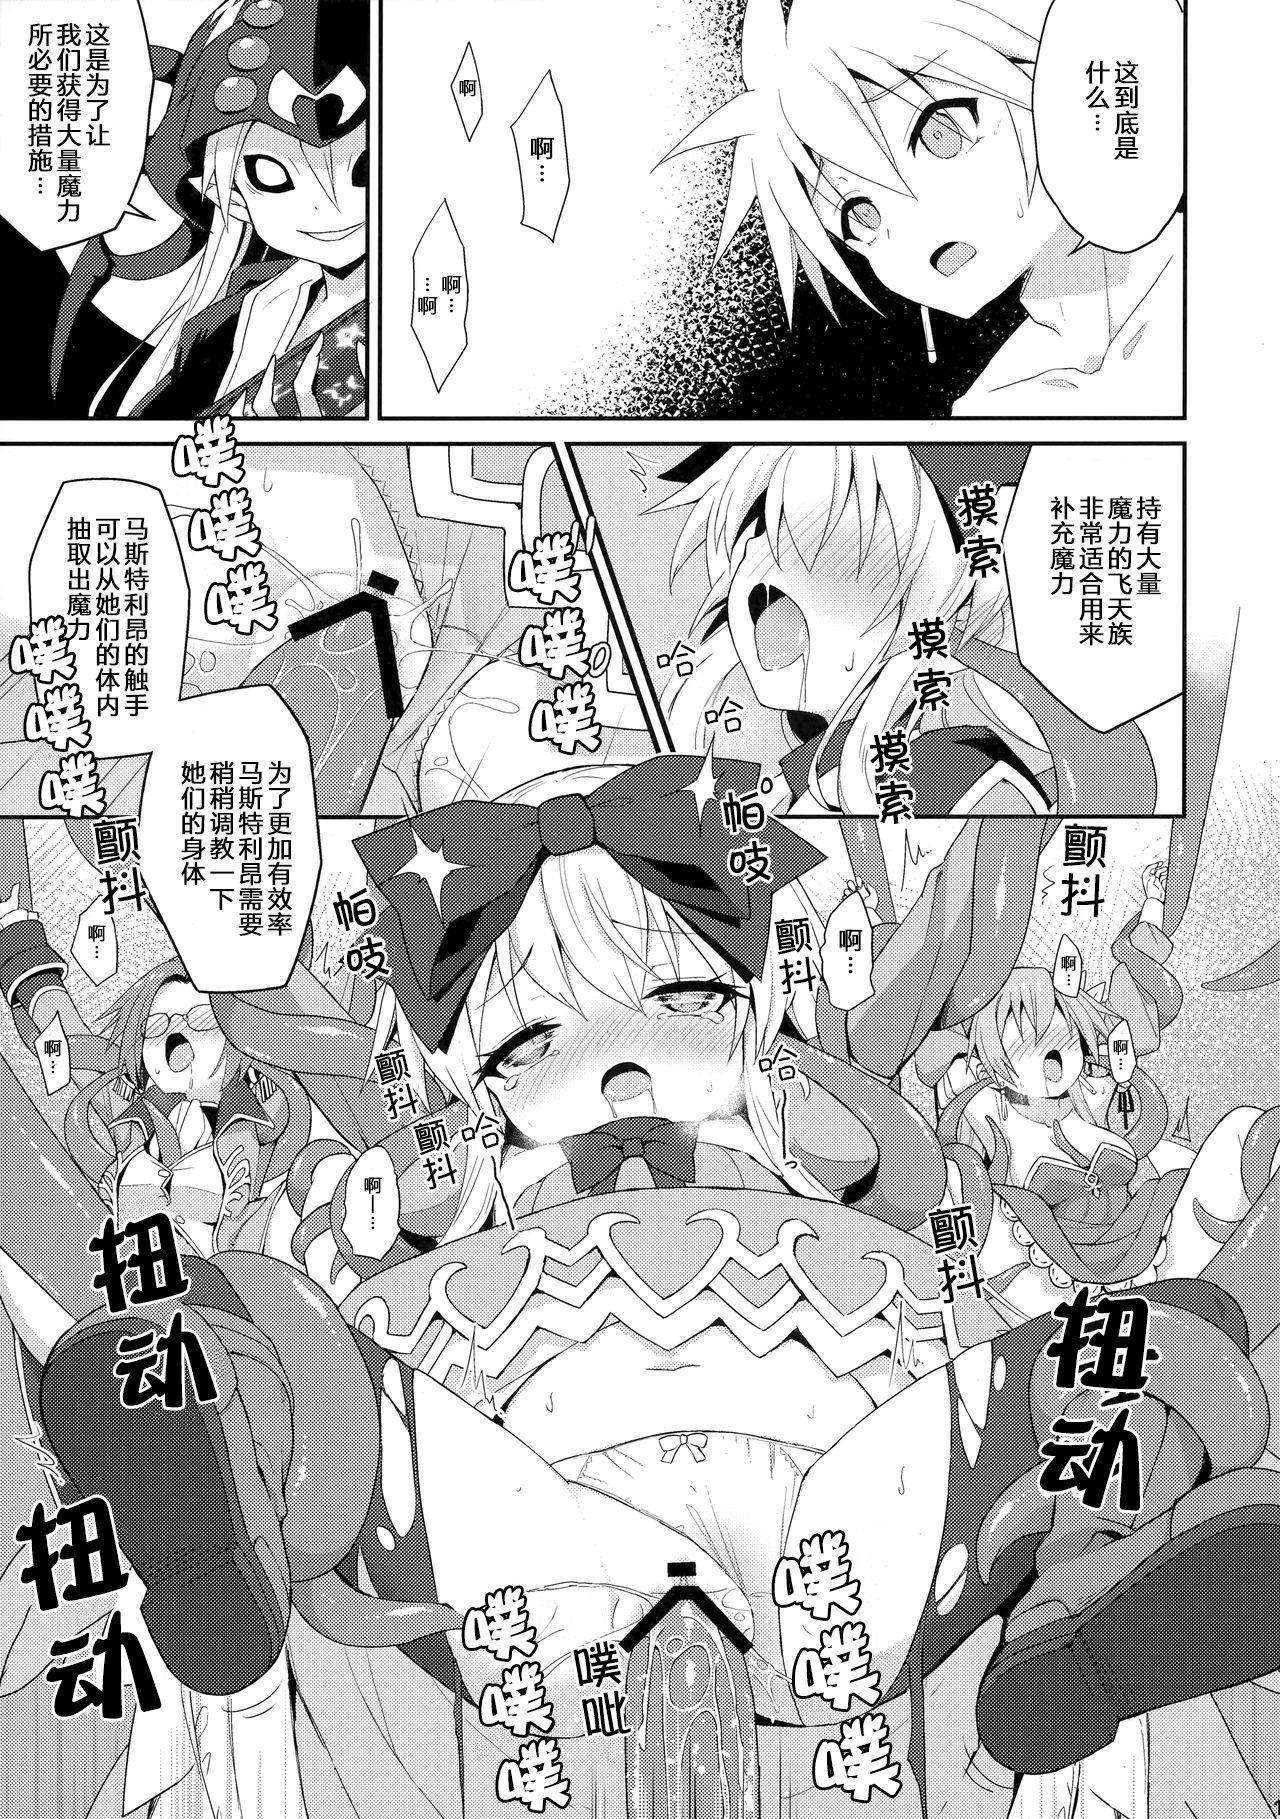 Alma ga Arekore Sareru no o Nagameru Hon. 5 | 偷窺被不停玩弄的阿爾瑪5 19